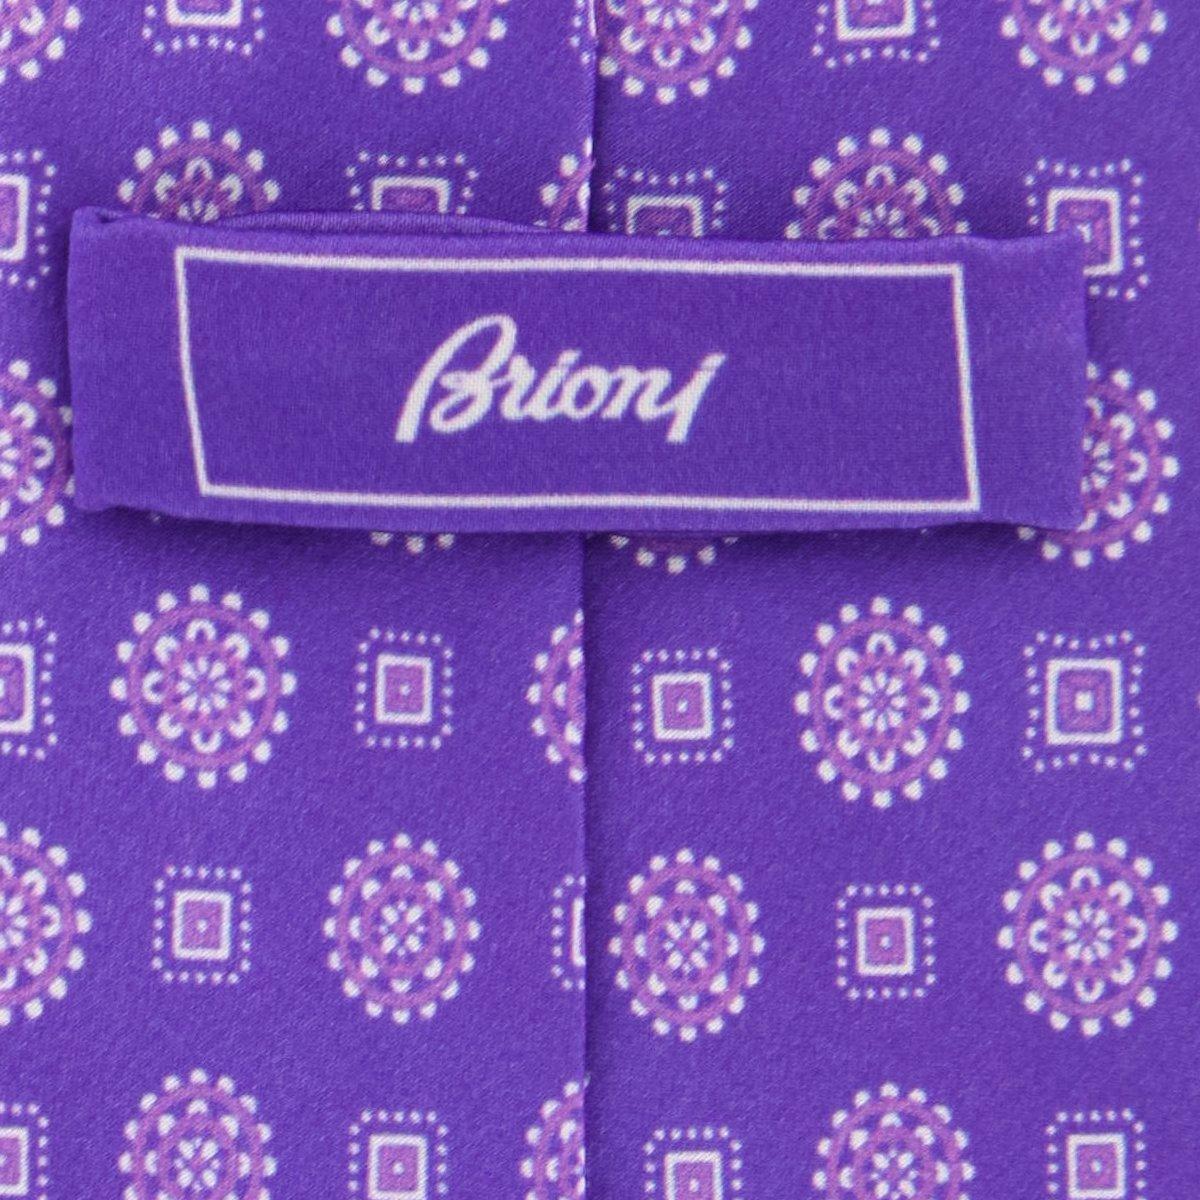 New Brioni Purple Silk Tie